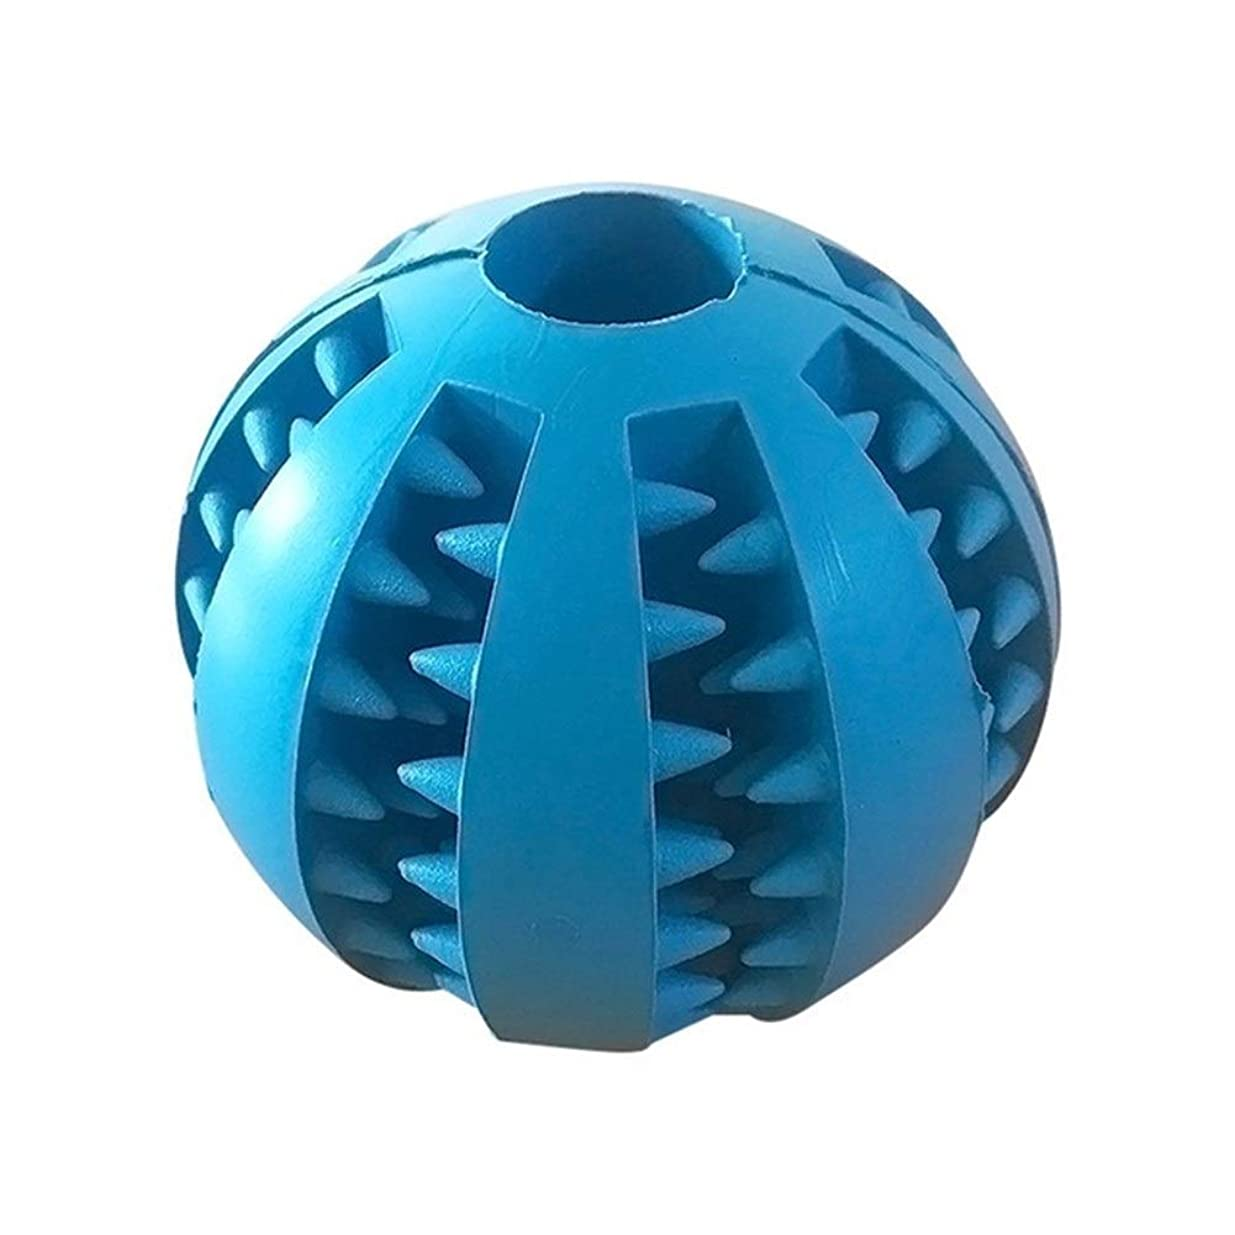 ポゴスティックジャンプ尋ねるしゃがむ犬 おもちゃ おかしいインタラクティブ弾性ボール犬は、食品の玩具ペットの犬のおもちゃエクストラタフなゴムボールのおもちゃのために犬の歯のクリーンボールチュー ペットの圧力を和らげる (色 : Dark blue, Size : 7cm)